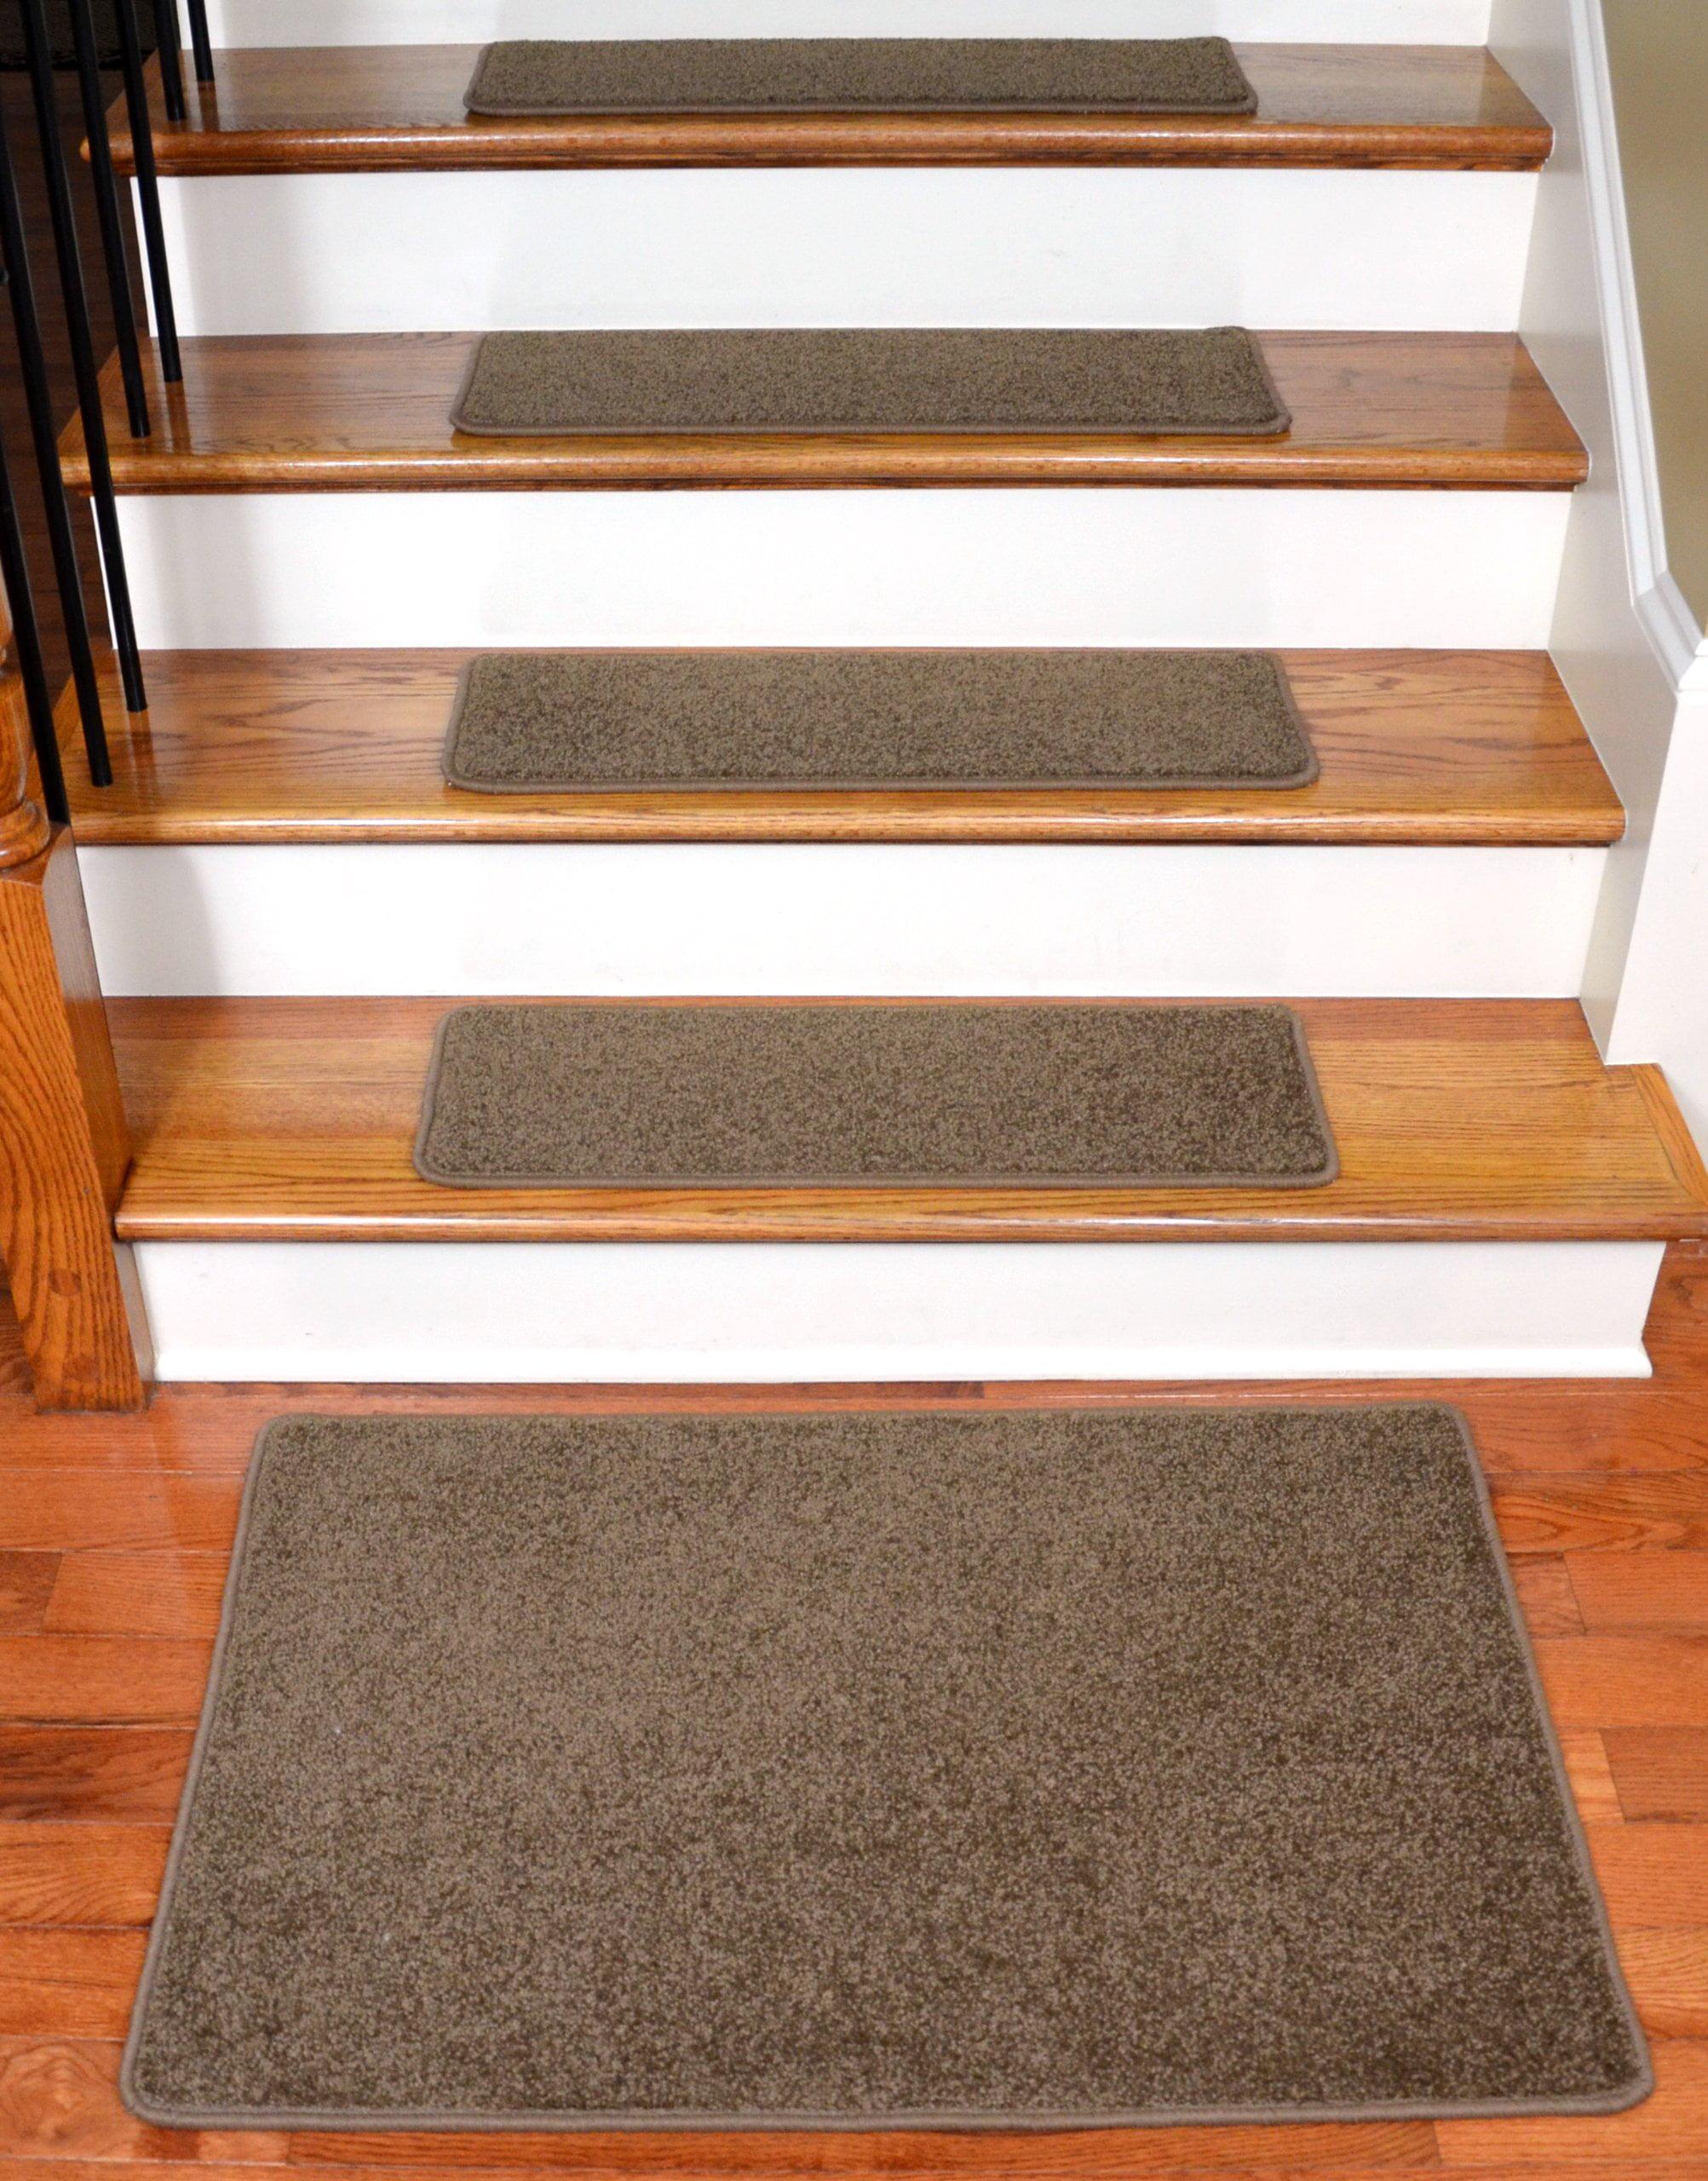 Dean Flooring Company Rich Earth Plush Carpet Stair Tread